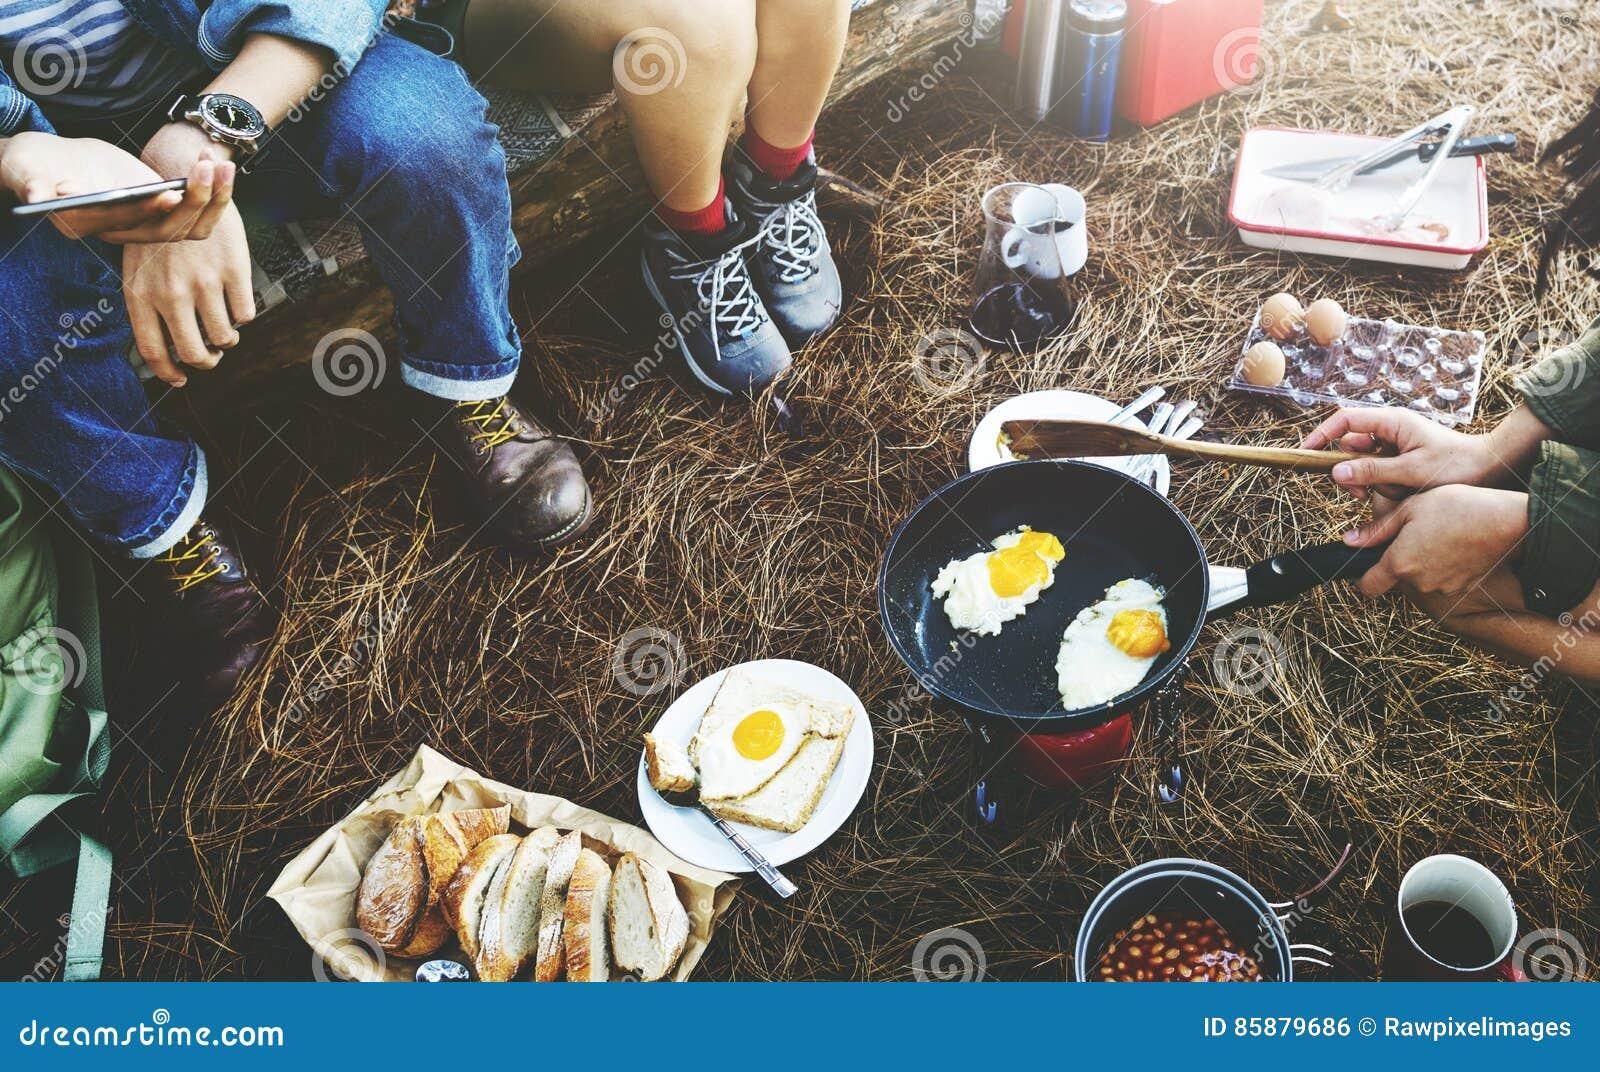 Έννοια ταξιδιού στρατοπέδευσης καφέ ψωμιού αυγών φασολιών προγευμάτων